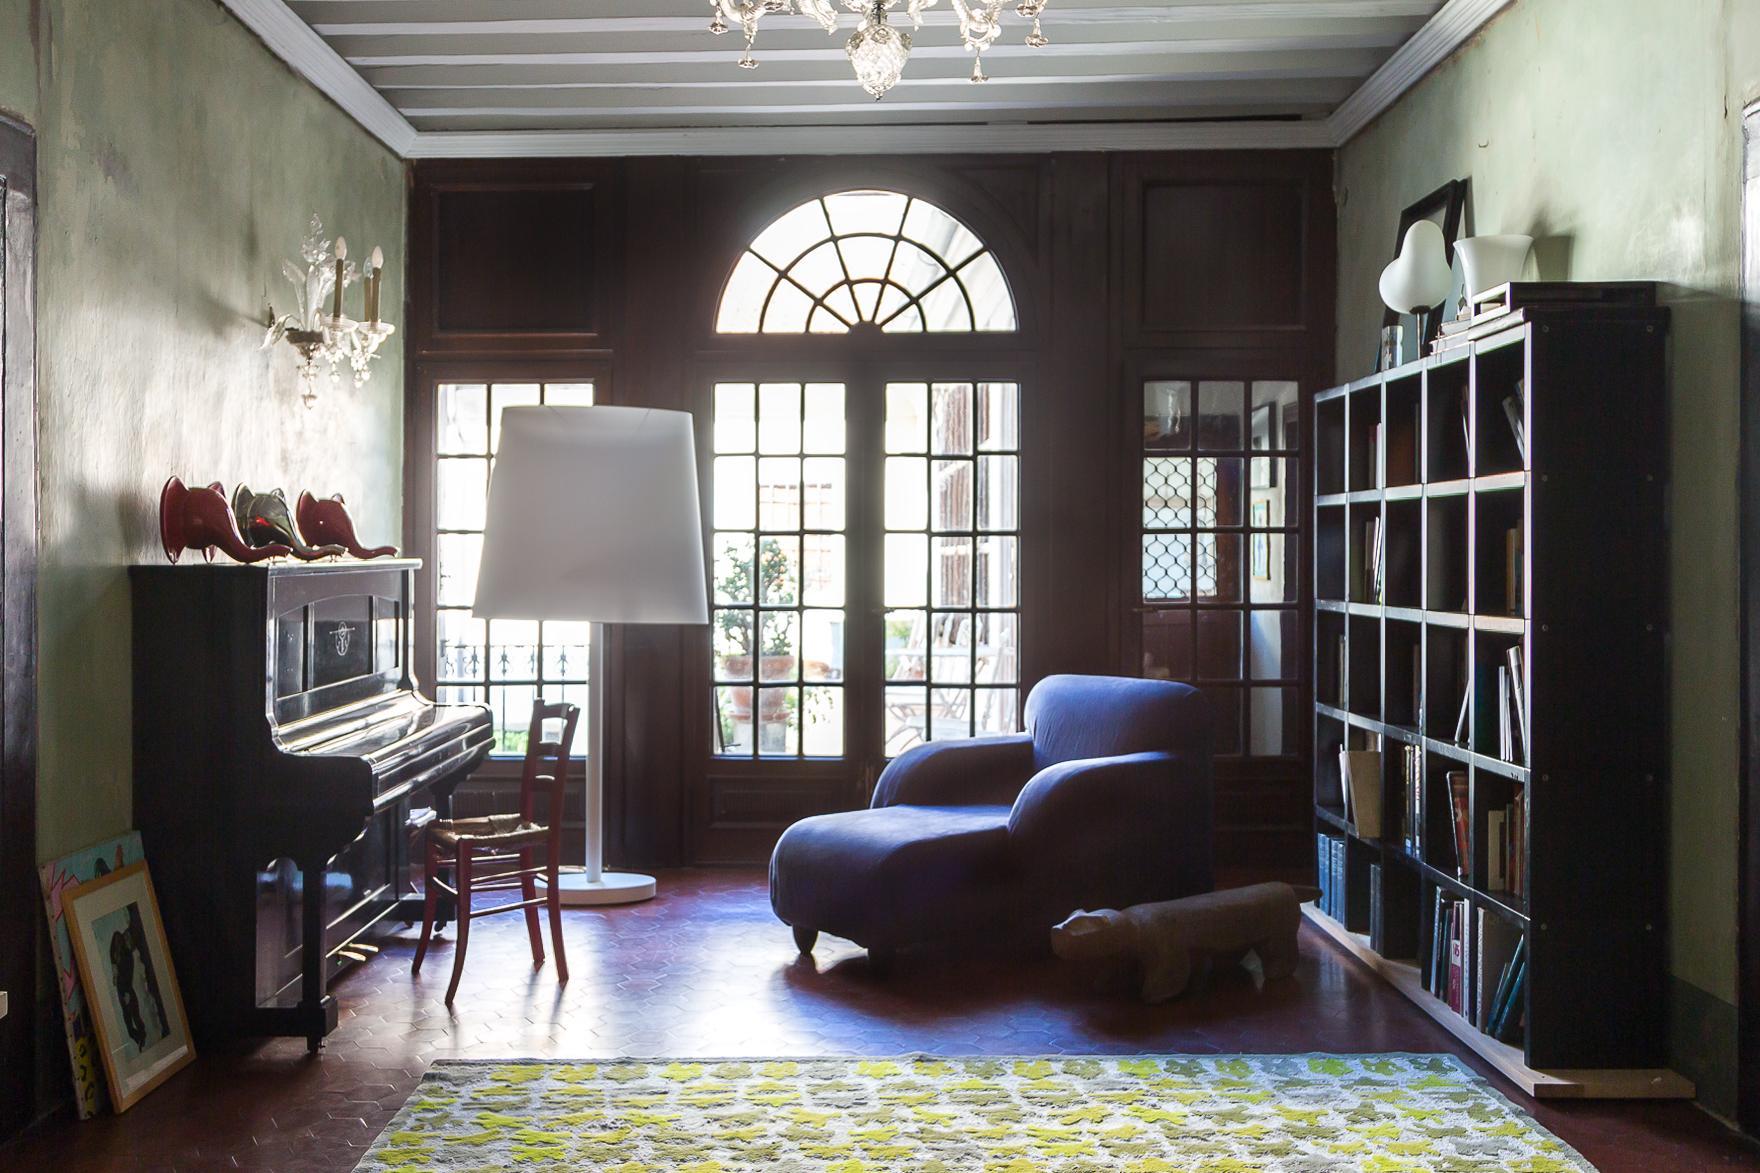 Nella sala musica spicca, oltre alle teste di elefante Eleph,  Lalong, una stupenda chaise longue realizzata con struttura in legno e rivestita in tessuto di cotone.